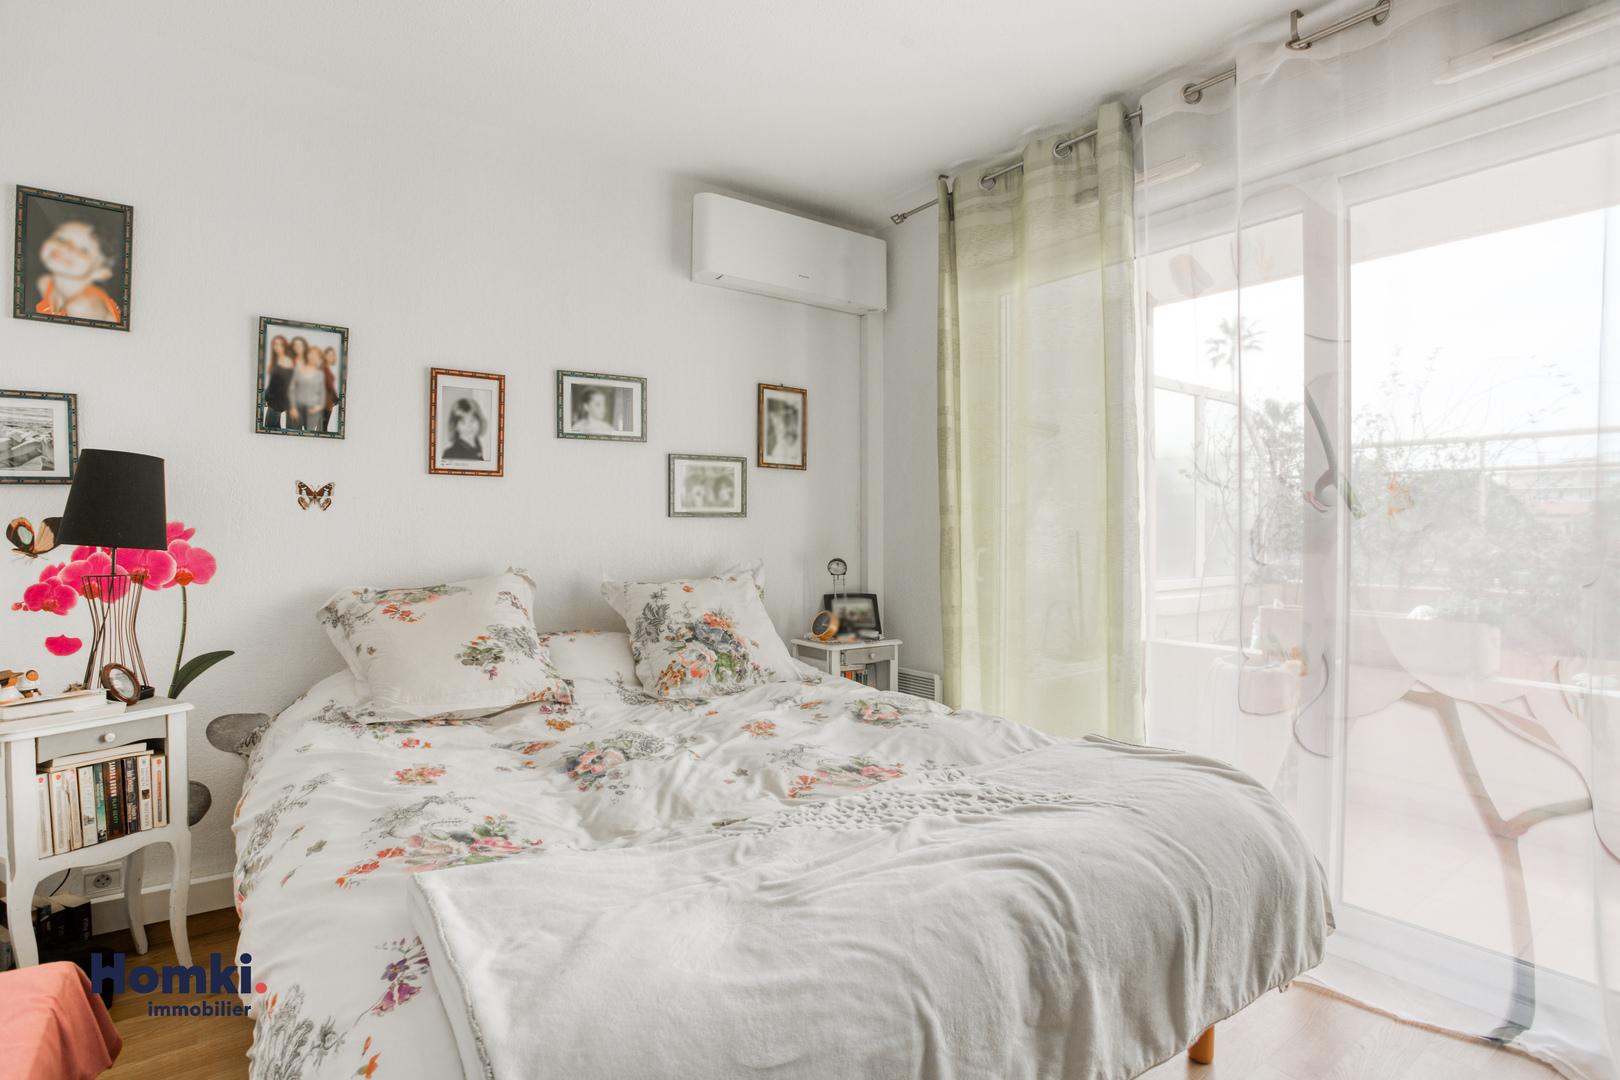 Vente Appartement 72 m² T4 83700_8